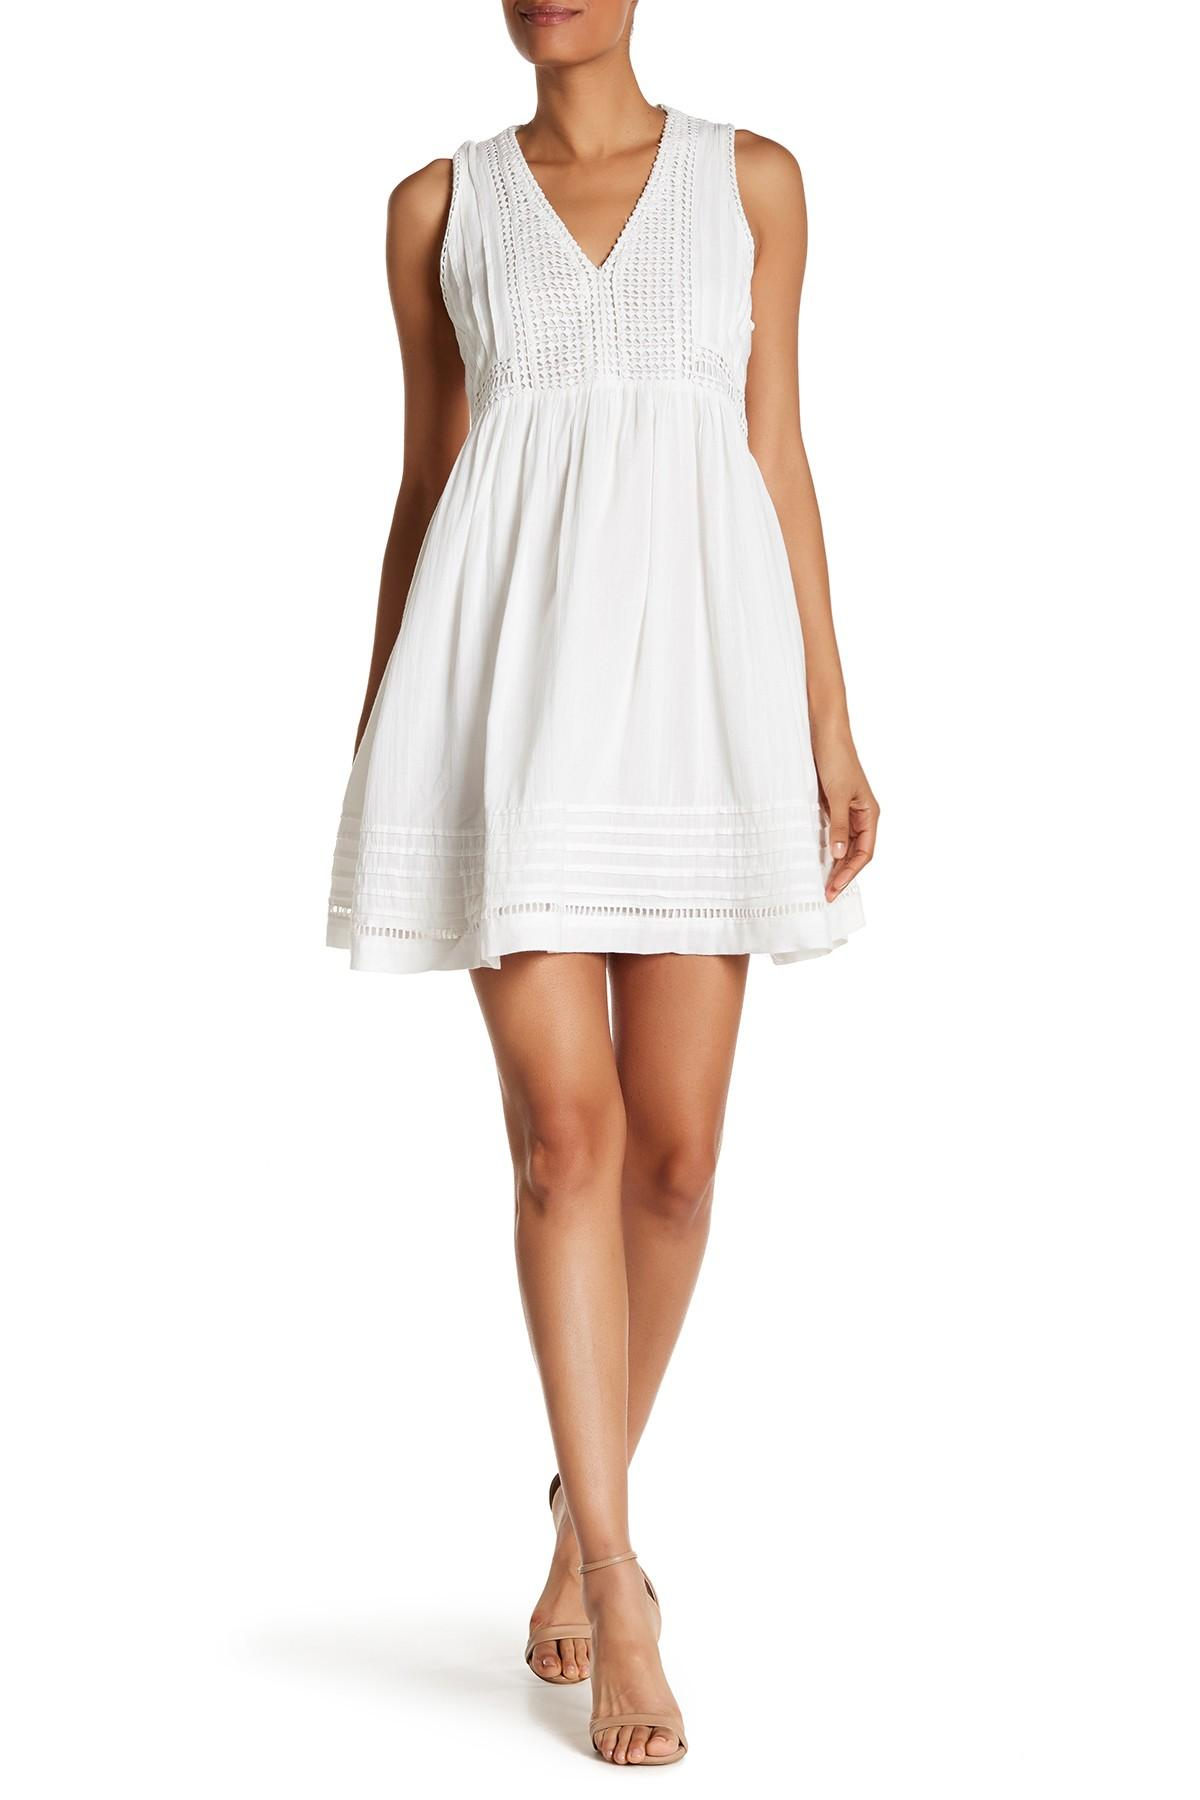 Joie Calero V Neck Summer Dress In White Lyst